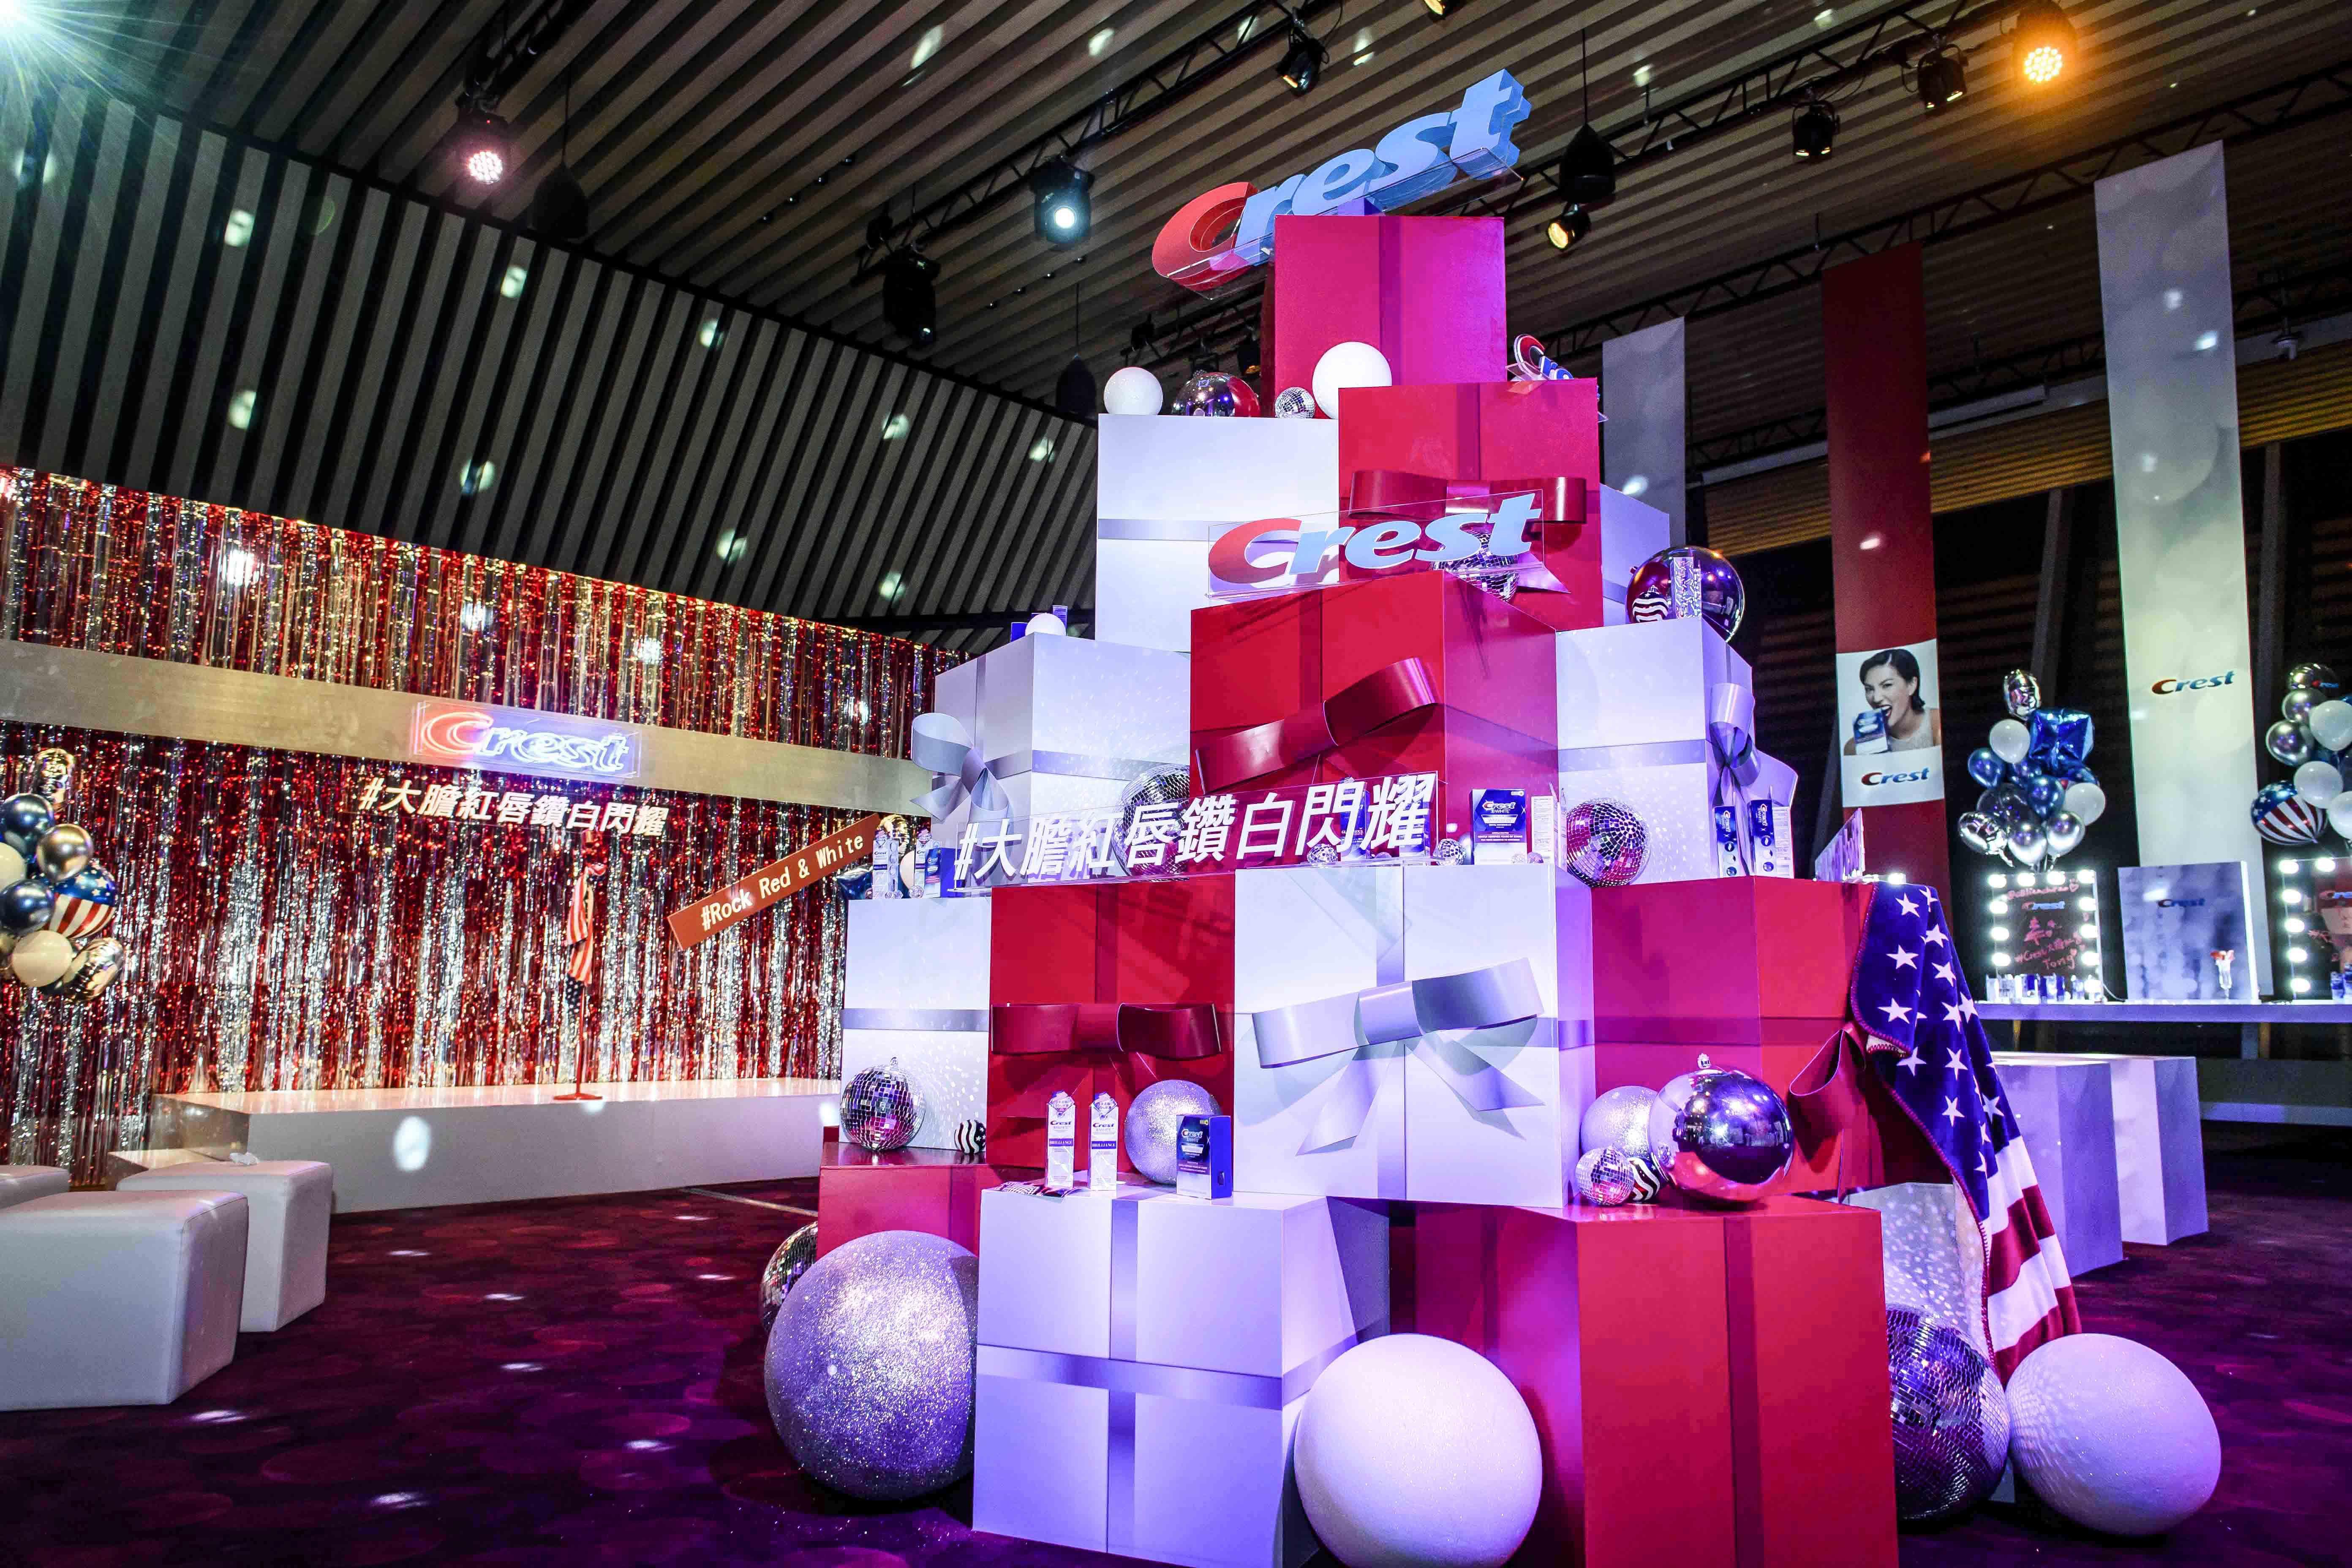 在年末party閃耀全場的秘密〜美國進口Crest聖誕派對獨家曝光!